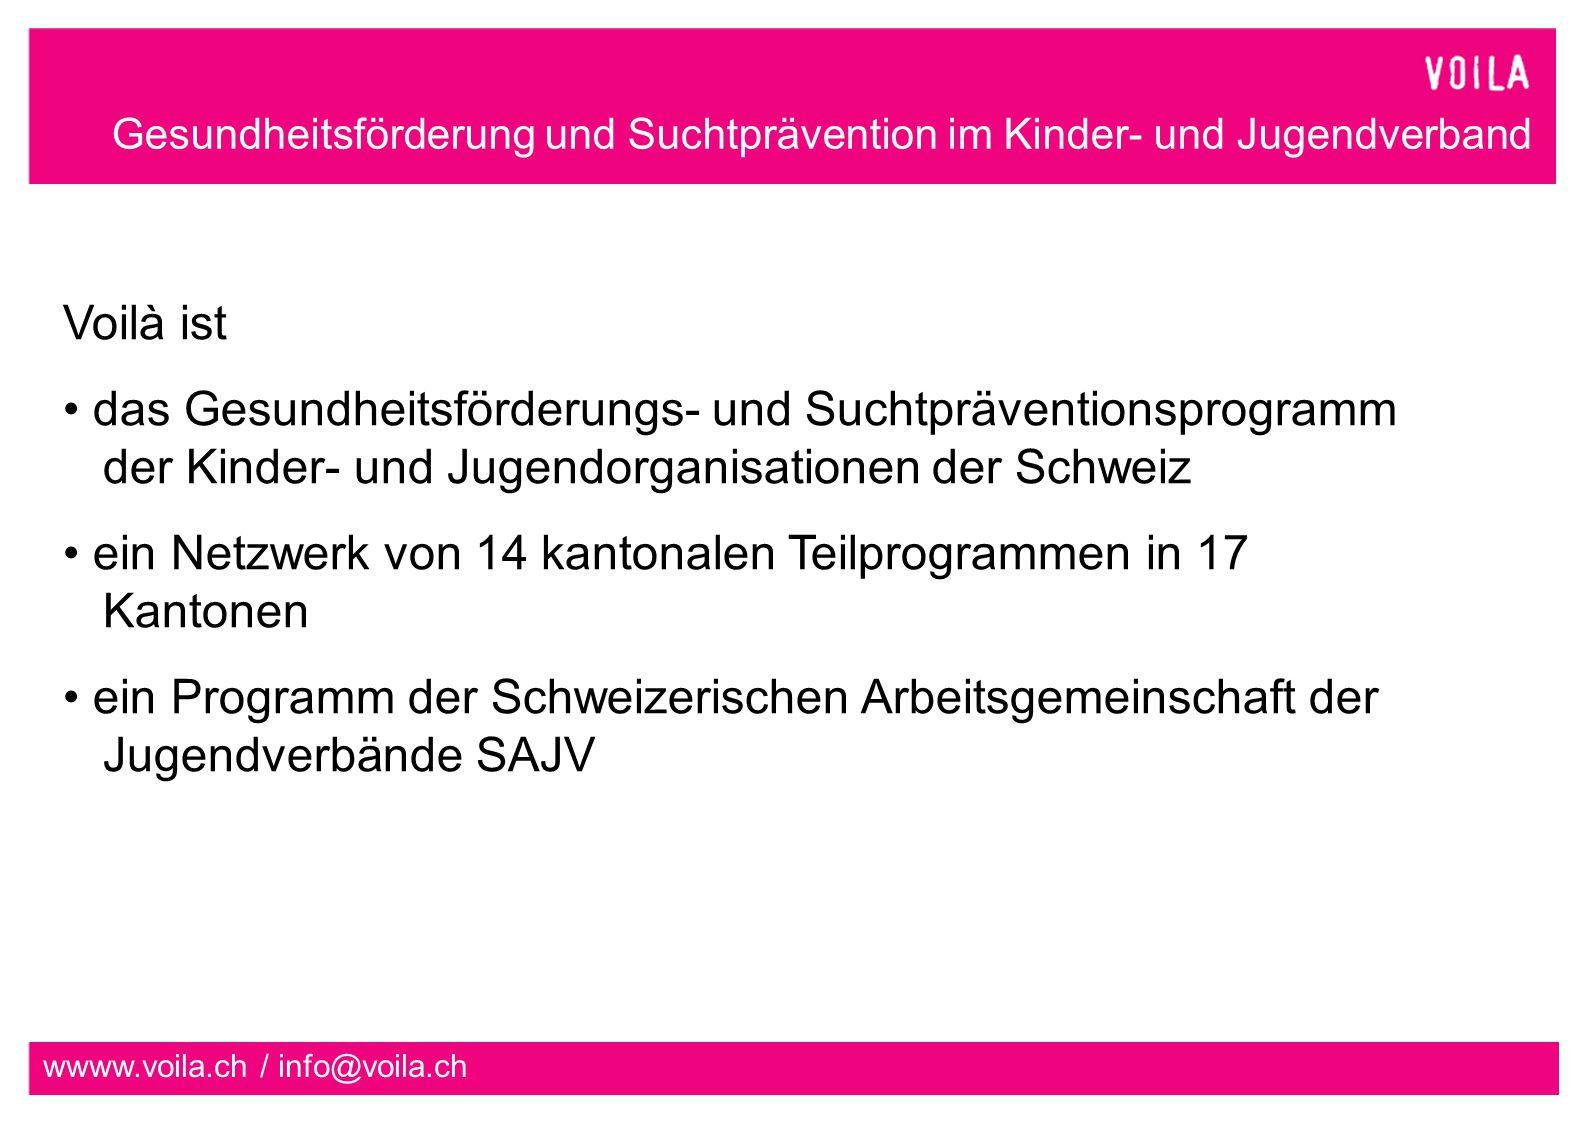 Gesundheitsförderung und Suchtprävention im Kinder- und Jugendverband wwww.voila.ch / info@voila.ch Voilà ist das Gesundheitsförderungs- und Suchtpräventionsprogramm der Kinder- und Jugendorganisationen der Schweiz ein Netzwerk von 14 kantonalen Teilprogrammen in 17 Kantonen ein Programm der Schweizerischen Arbeitsgemeinschaft der Jugendverbände SAJV